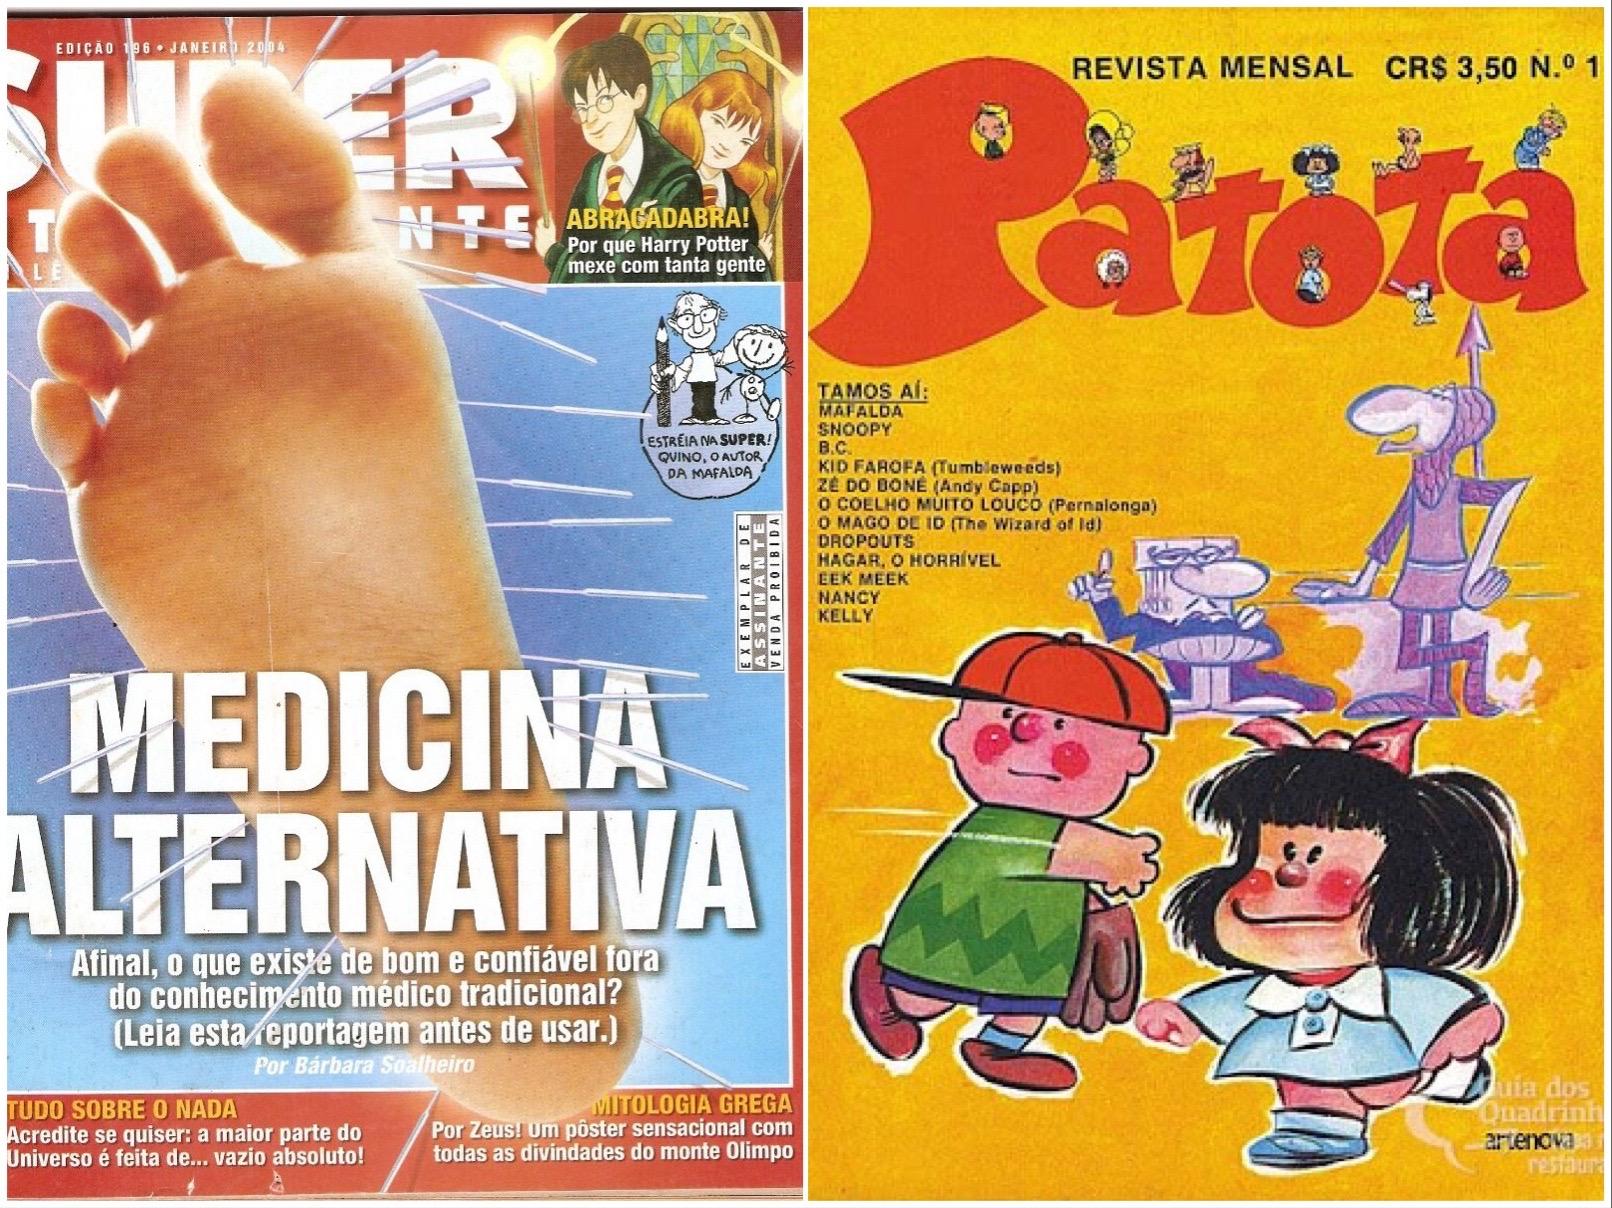 IMAGENS: Mercadolivre.combr e uiadosquadrinhos.com